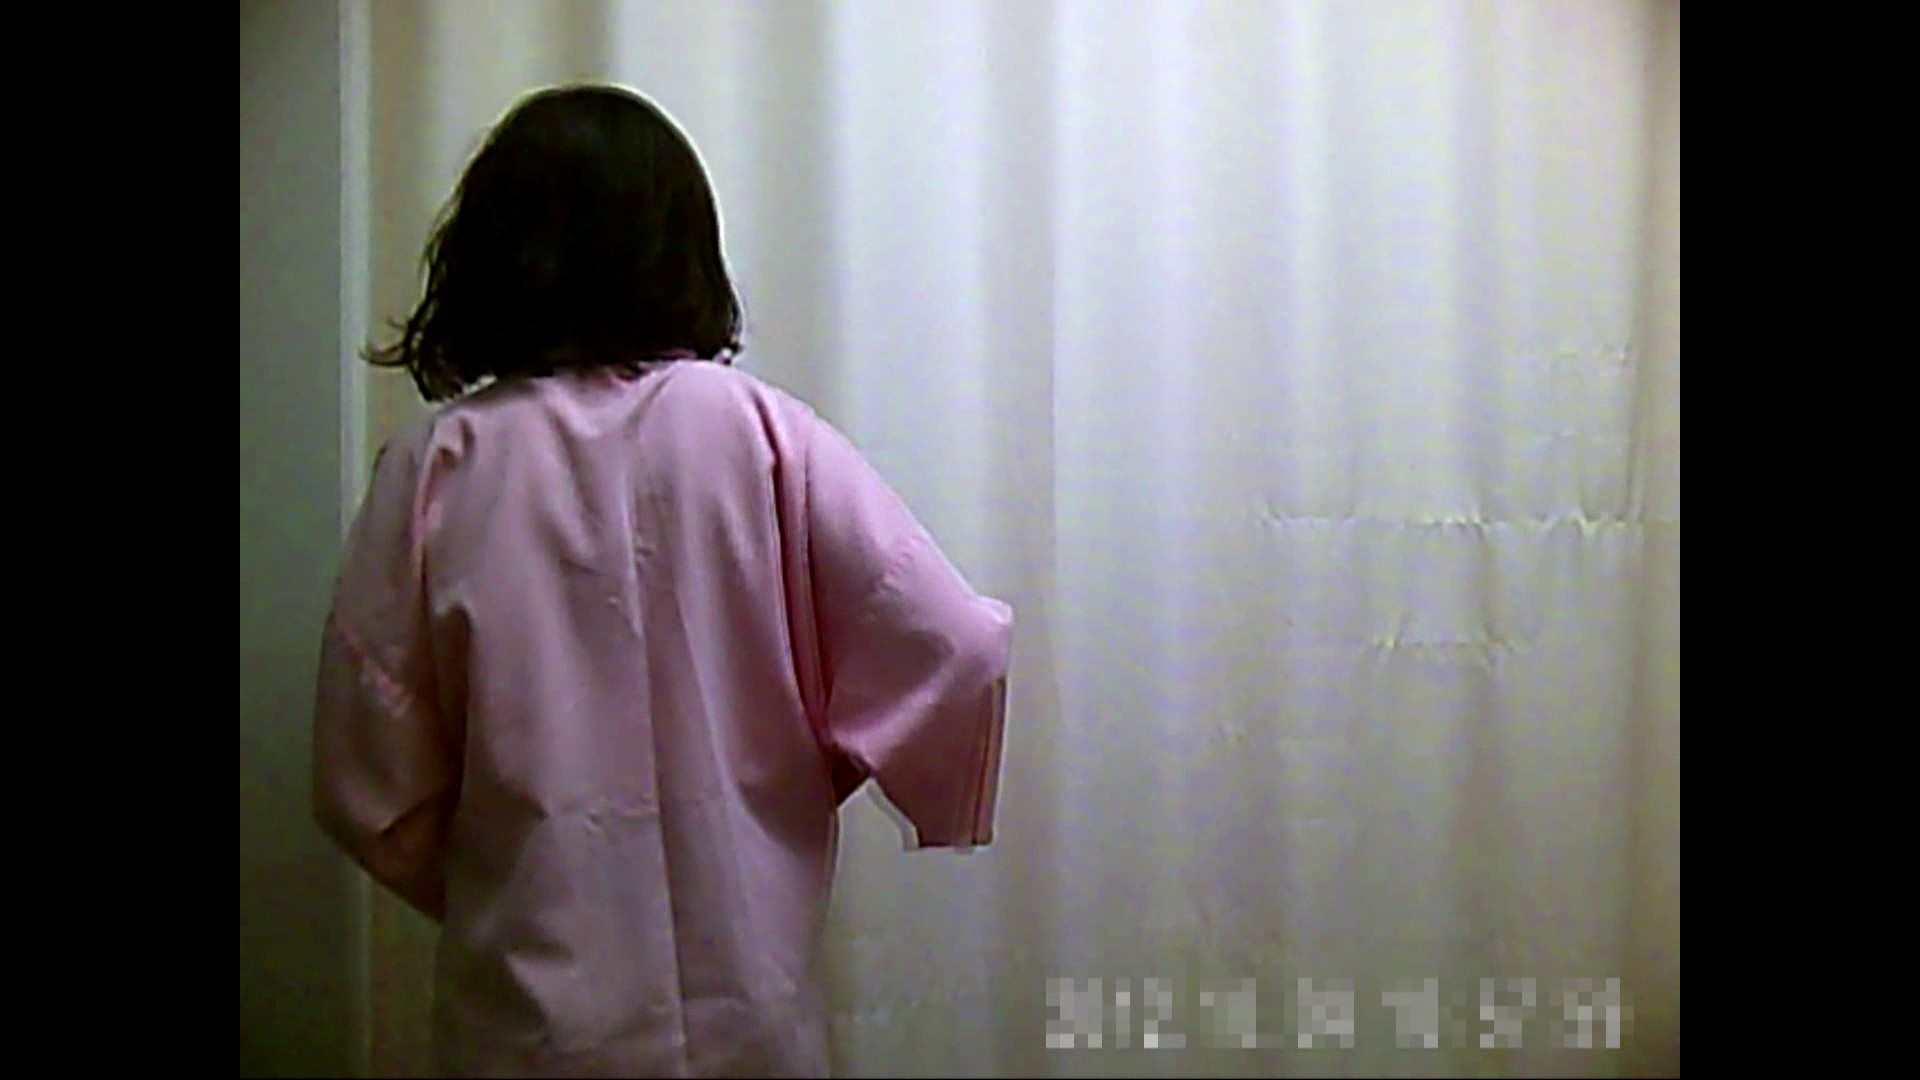 病院おもいっきり着替え! vol.228 着替え SEX無修正画像 77PIX 69